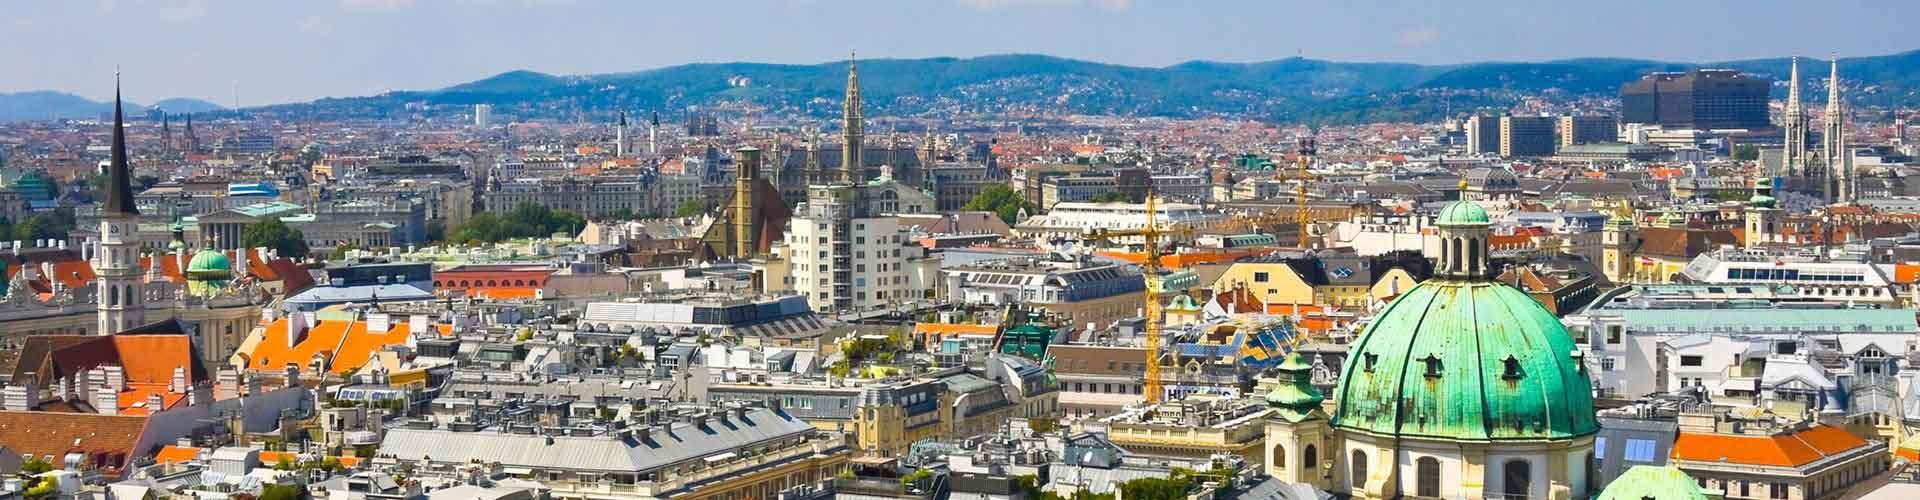 Viena - Albergues en Viena. Mapas de Viena, Fotos y Comentarios para cada Albergue en Viena.